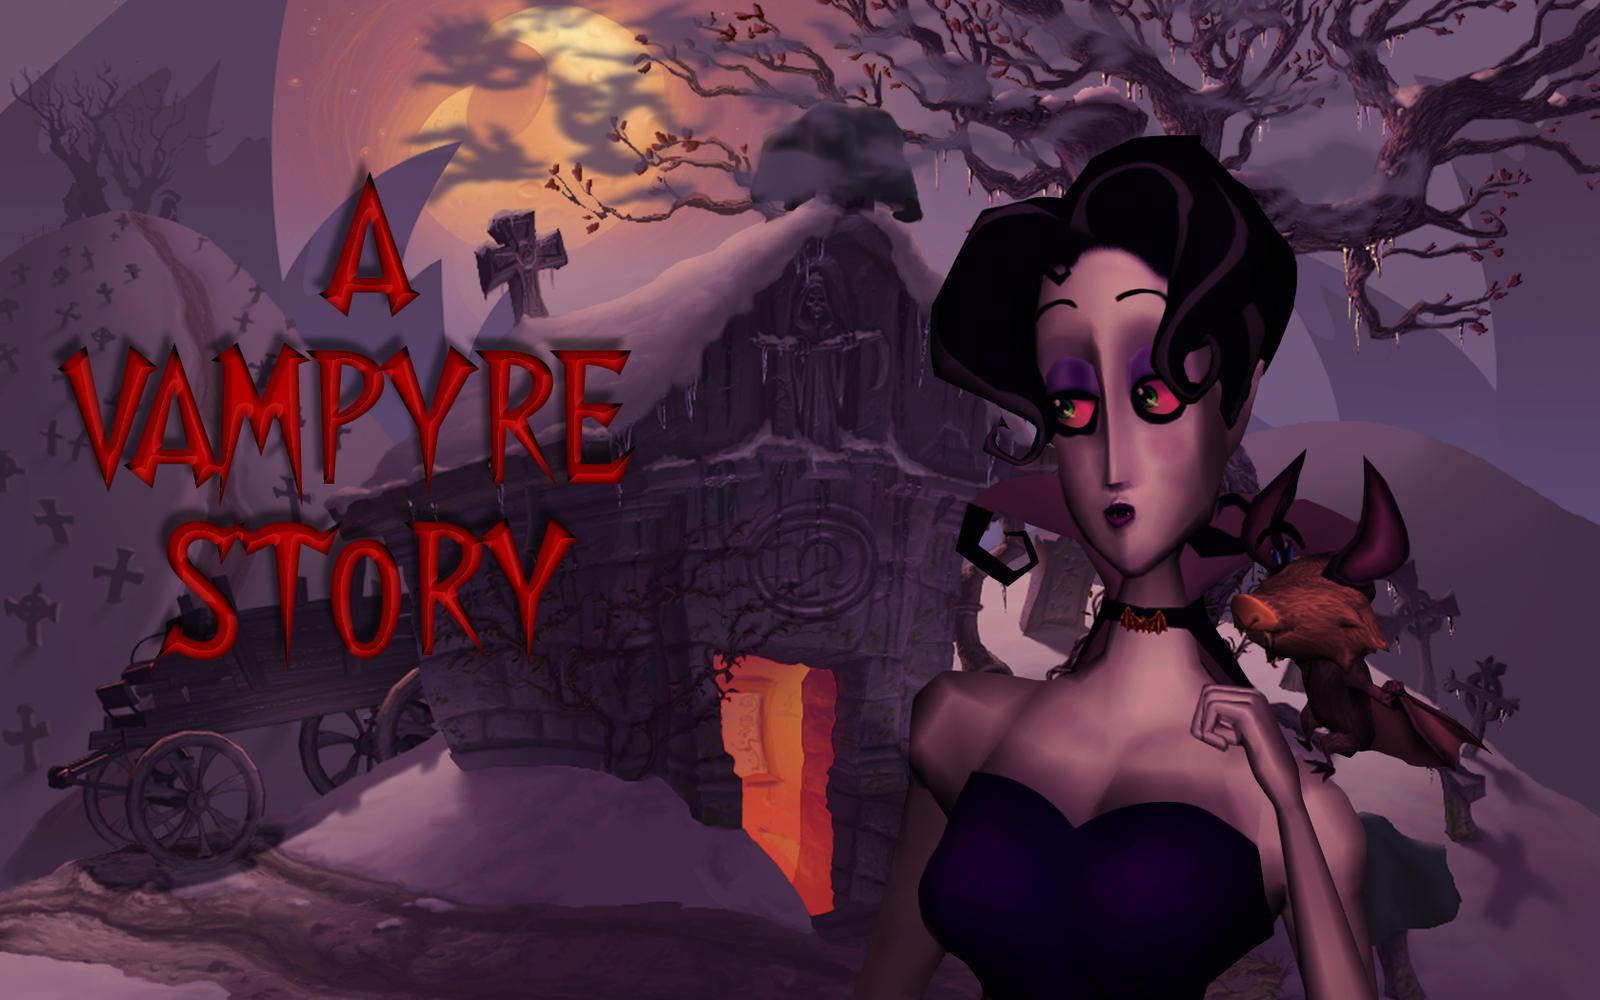 Vampire story?